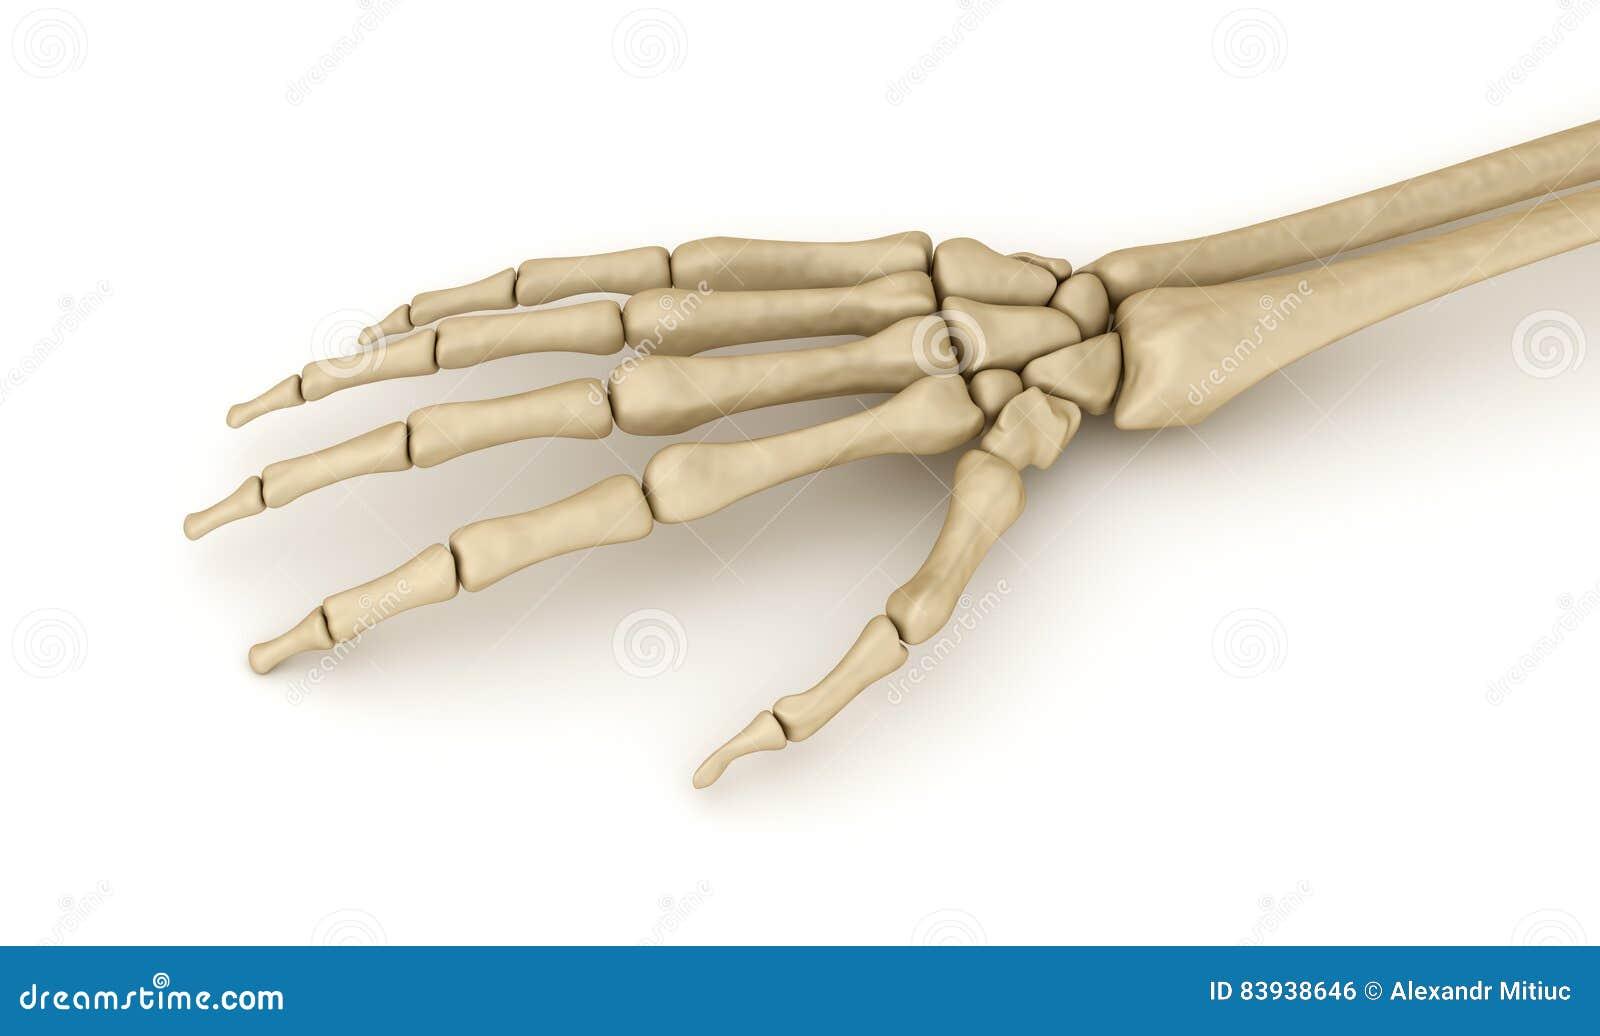 Niedlich Handgelenk Hand Anatomie Ideen - Menschliche Anatomie ...